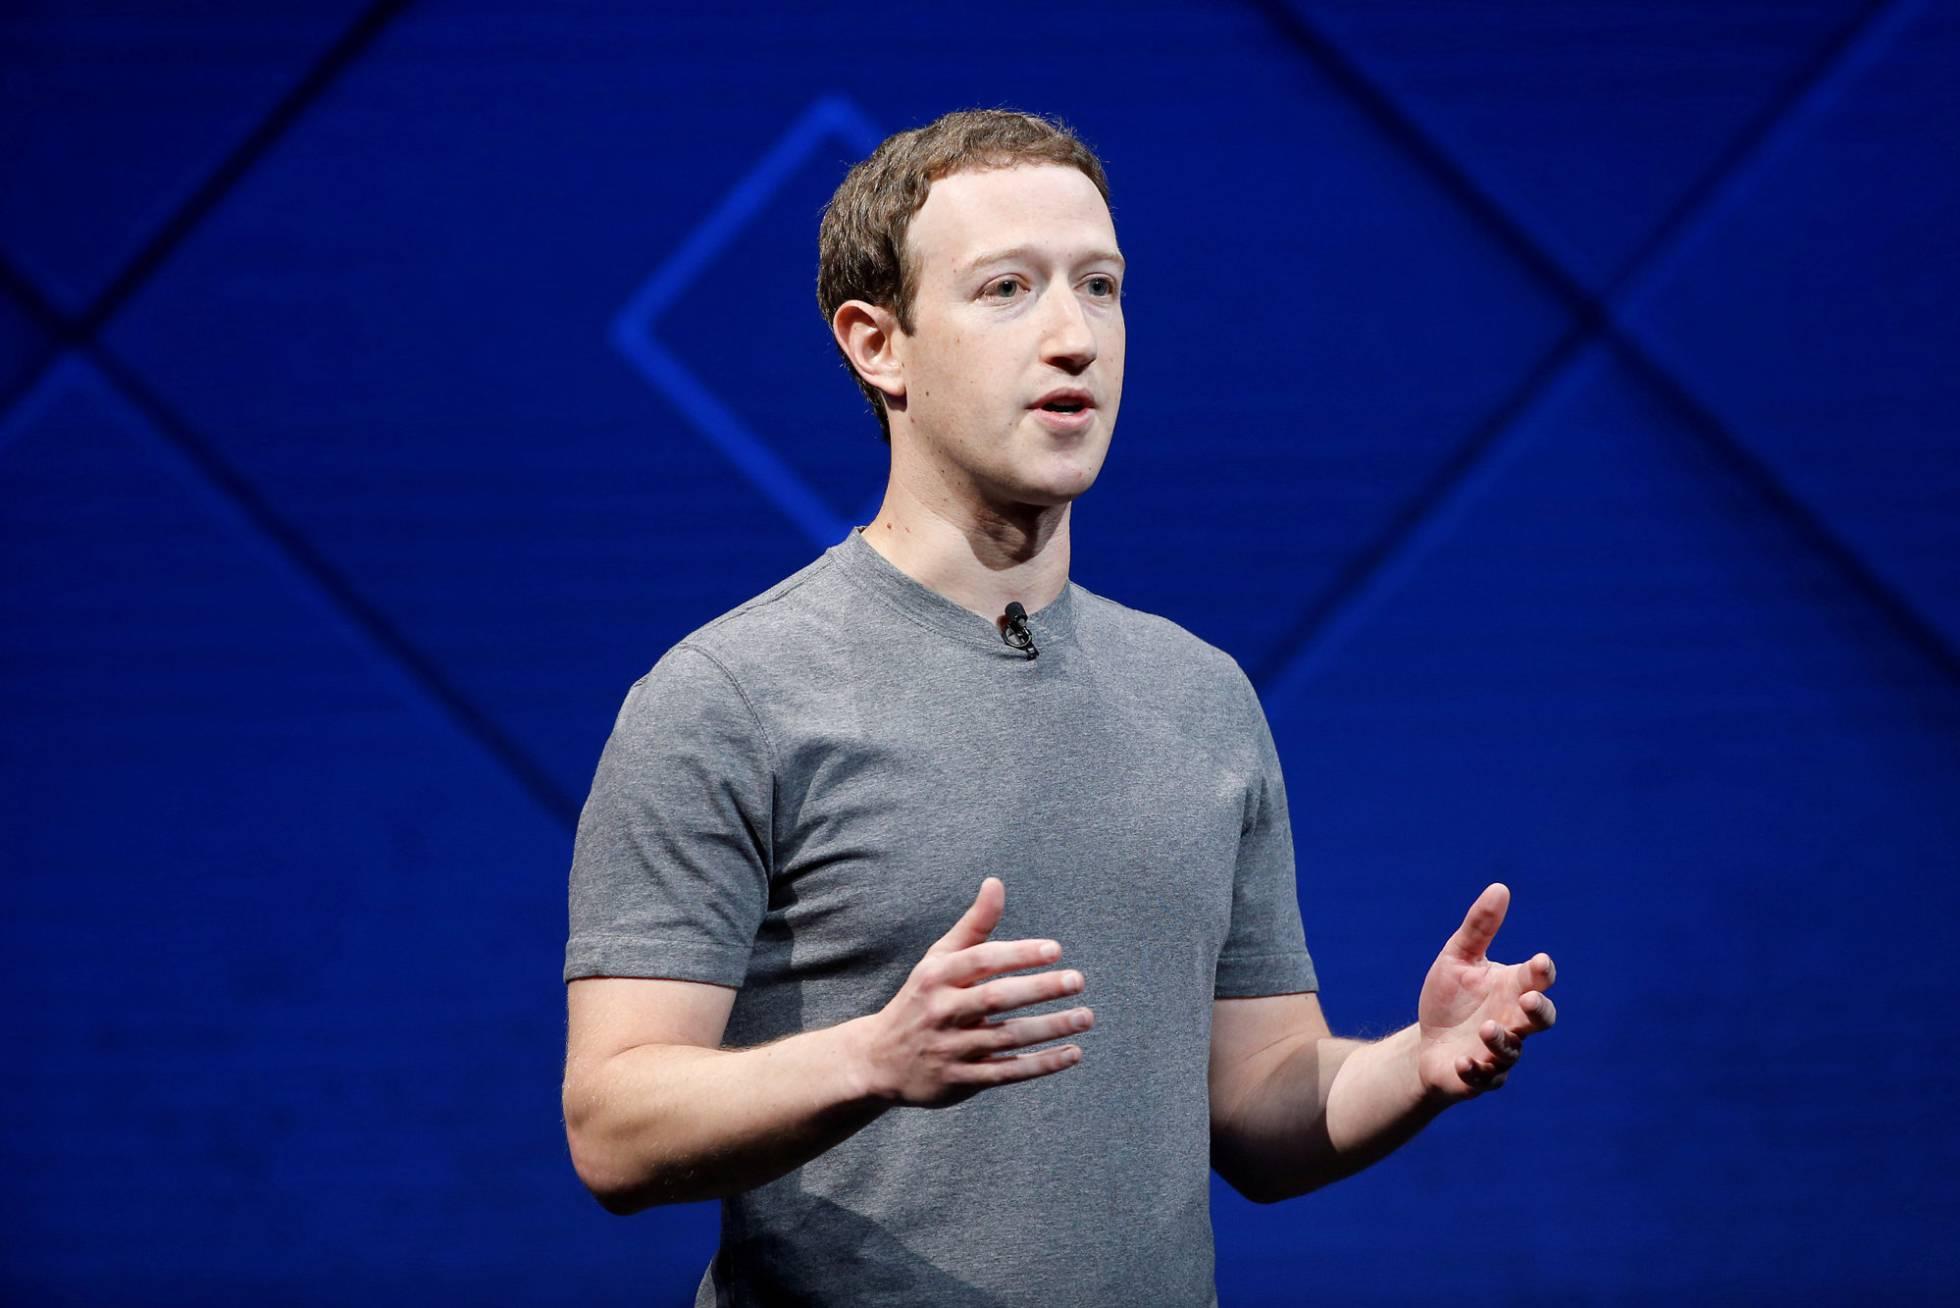 , Facebook priorizará los contenidos personales frente a las noticias